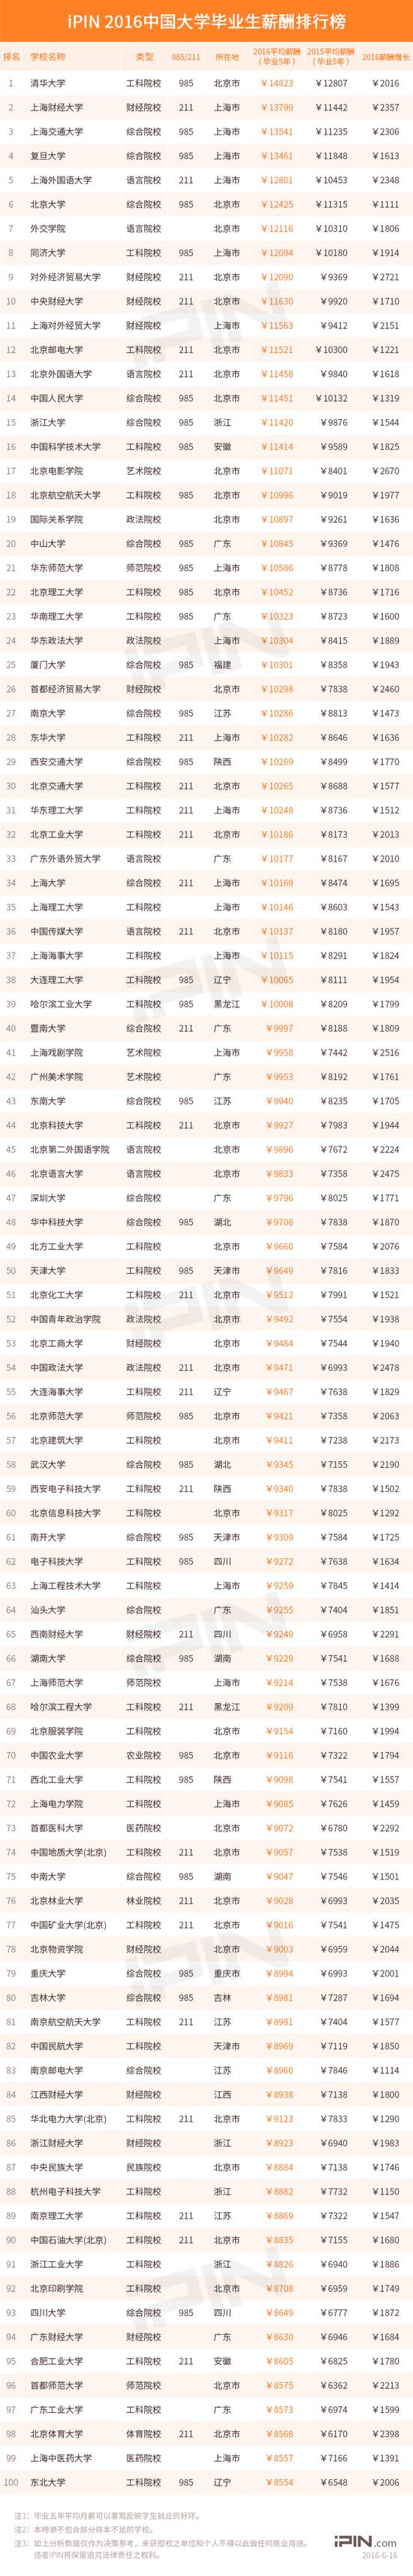 2016年中国大学毕业生薪酬排行榜